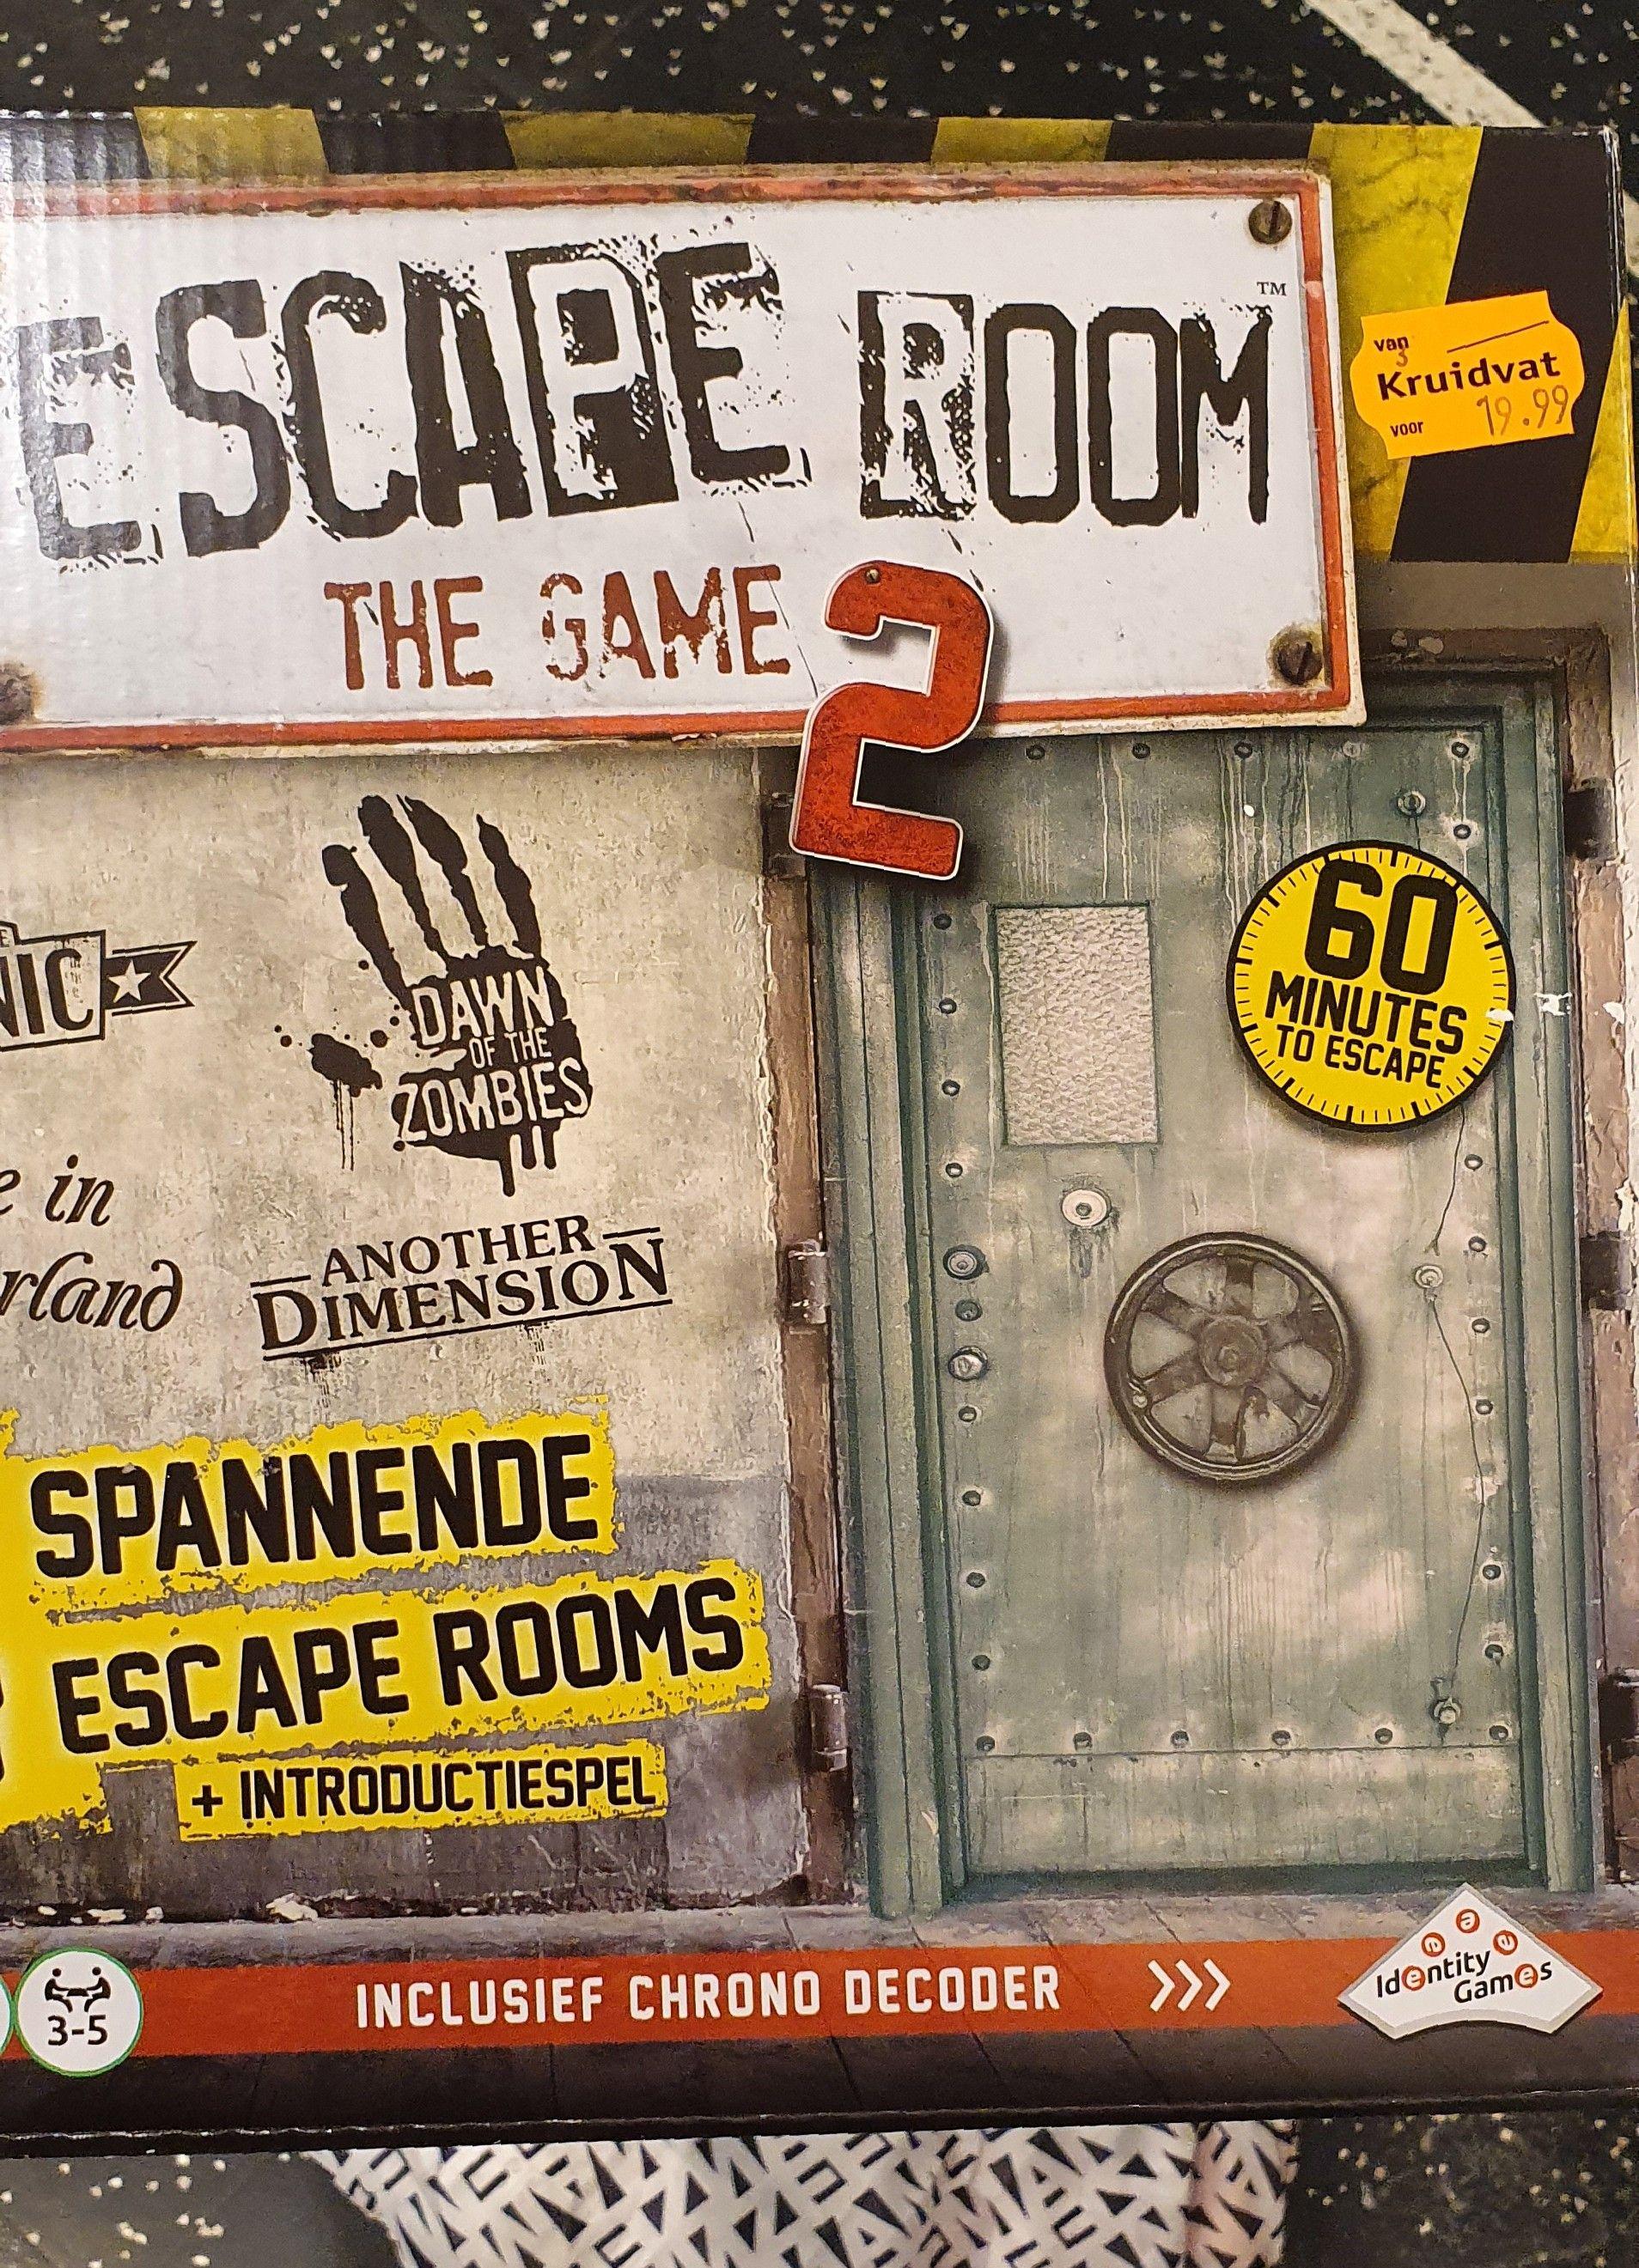 Escape Room The Game 2 @ Kruidvat